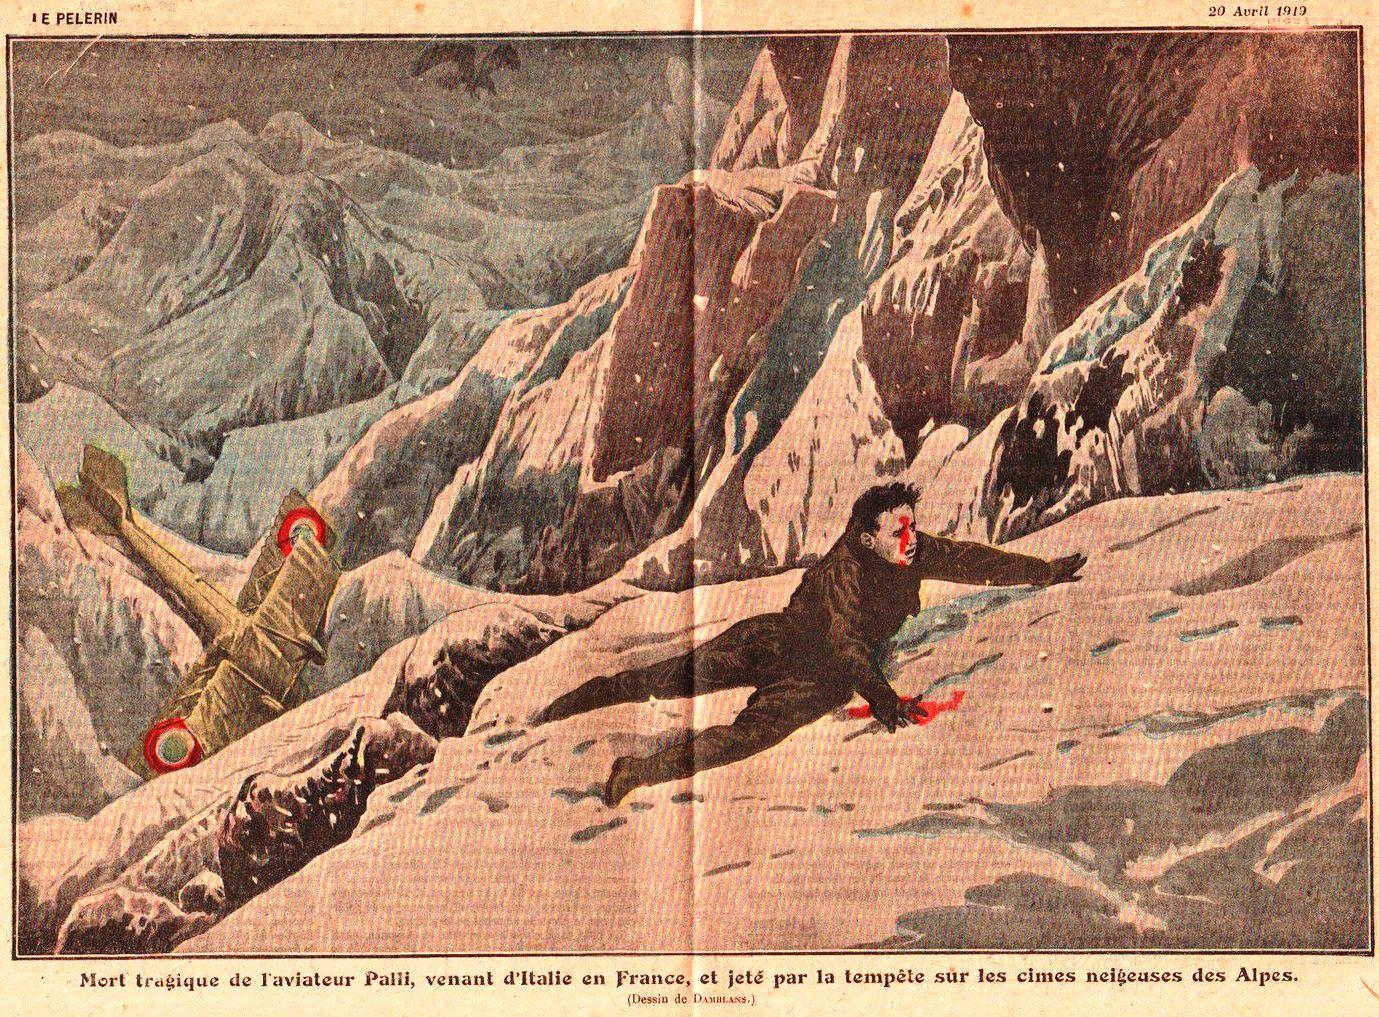 La morte di Natale Palli. Il 20 marzo del 1919, durante il raid Padova-Parigi-Roma per un guasto al velivolo fu costretto ad atterrare sul Mont Pourri, nei pressi di Sainte-Foy, dove morì assiderato tra il 22 e il 23 marzo 1919.